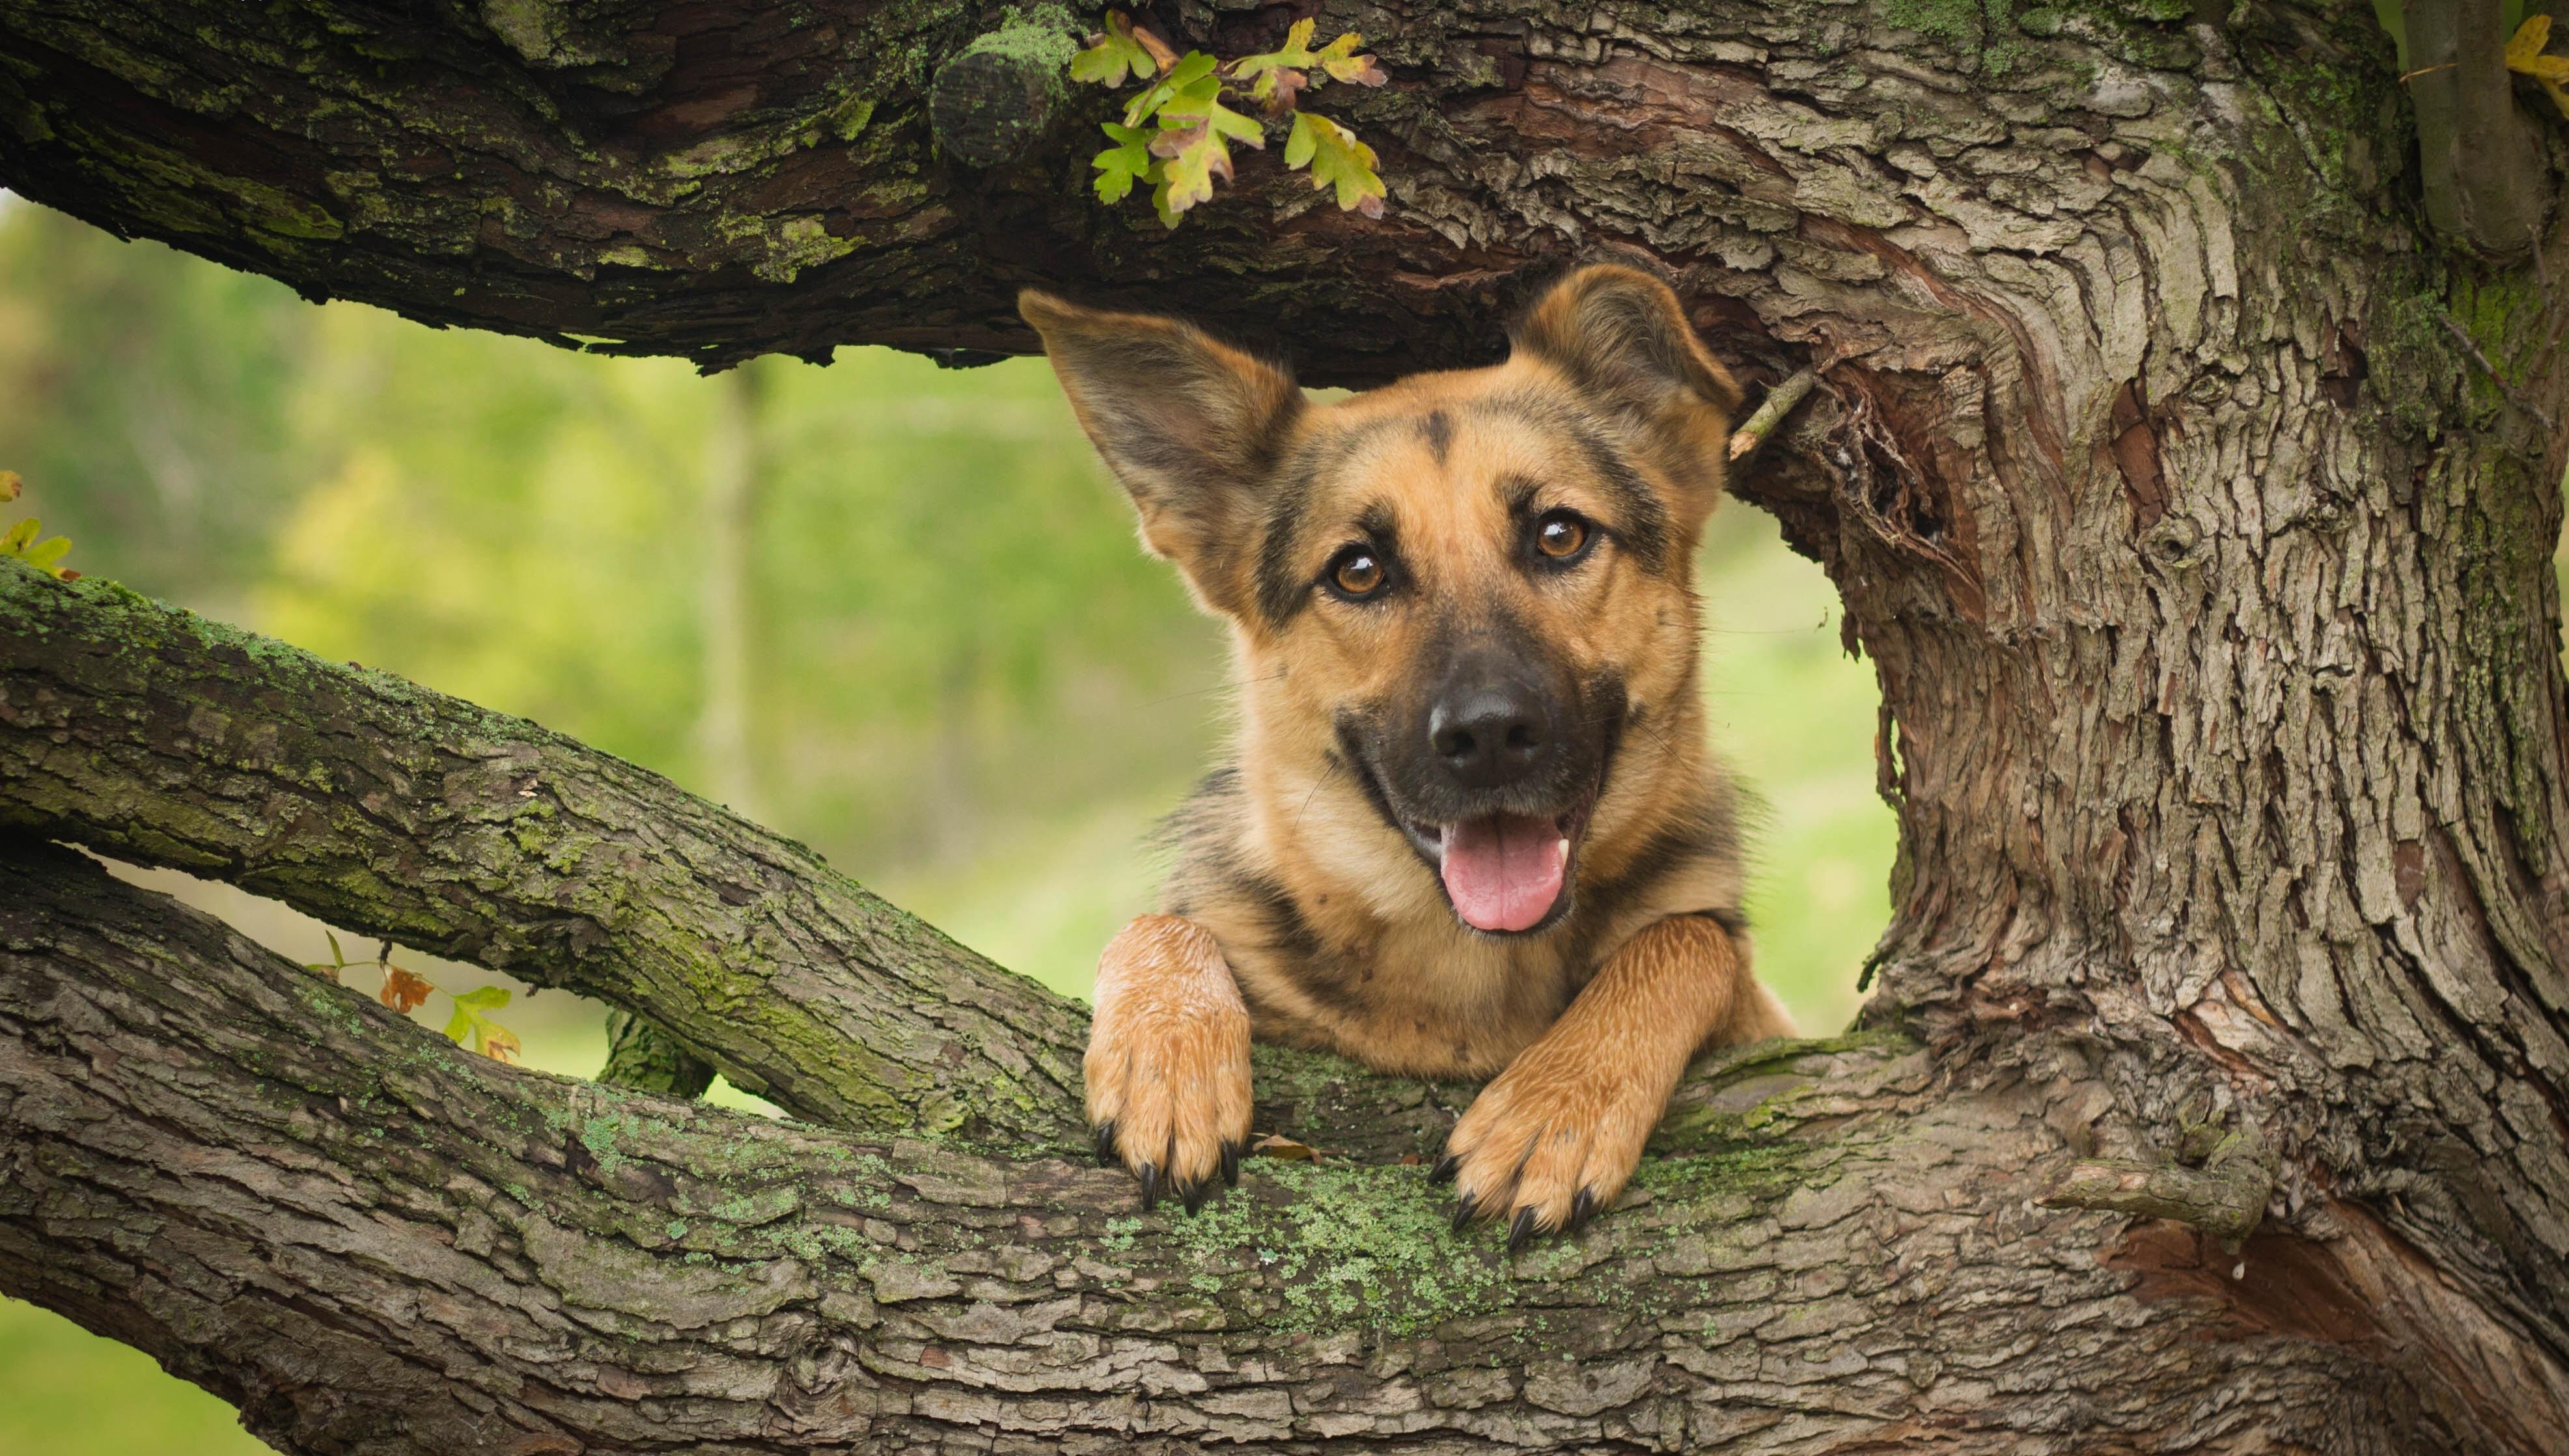 Alpha Coders Wallpaper Abyss Erkunden Sie die Sammlung Hunde Tiere ... Golden Retriever And Baby